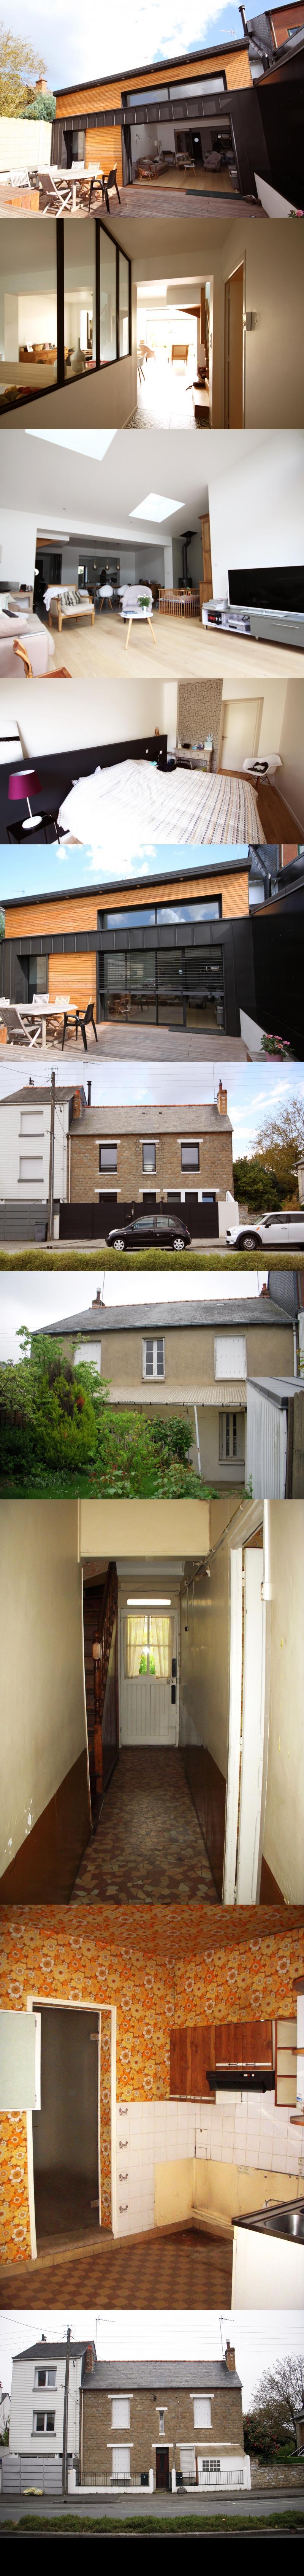 Rénovation et extension d\'une maison de ville Rennes : Lieu ...